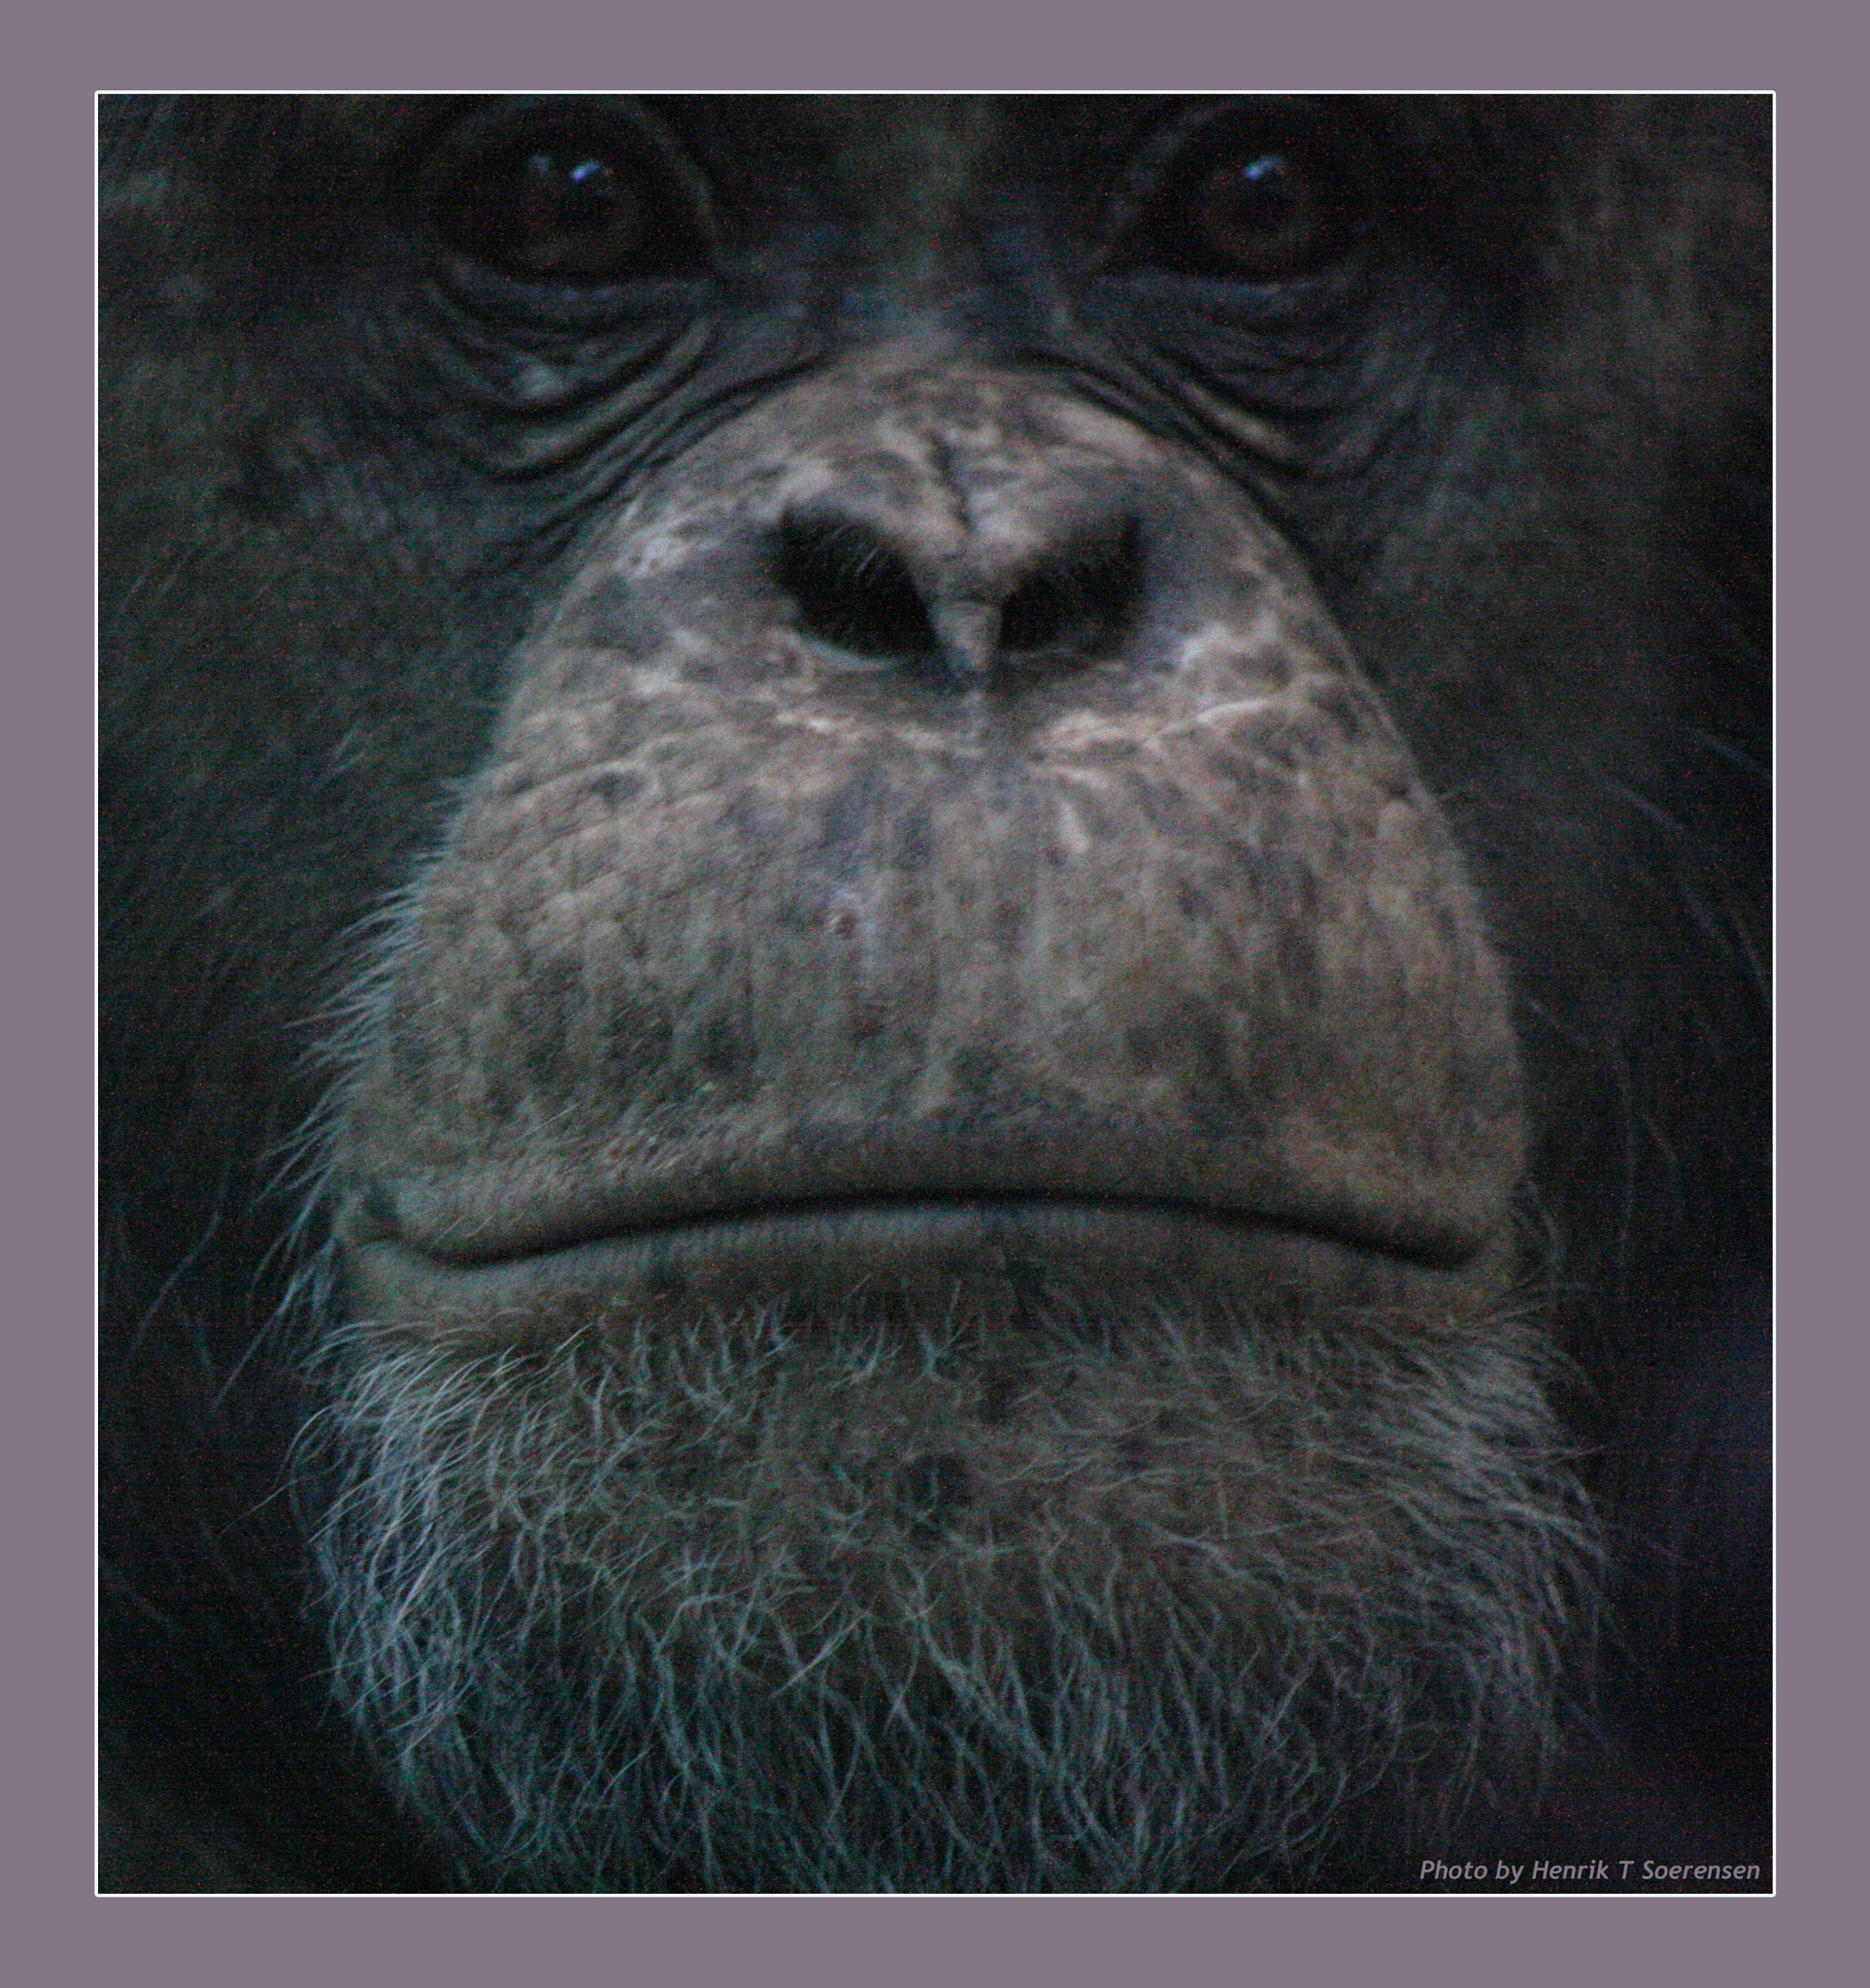 Chimpanzee by Henrik T. Sørensen